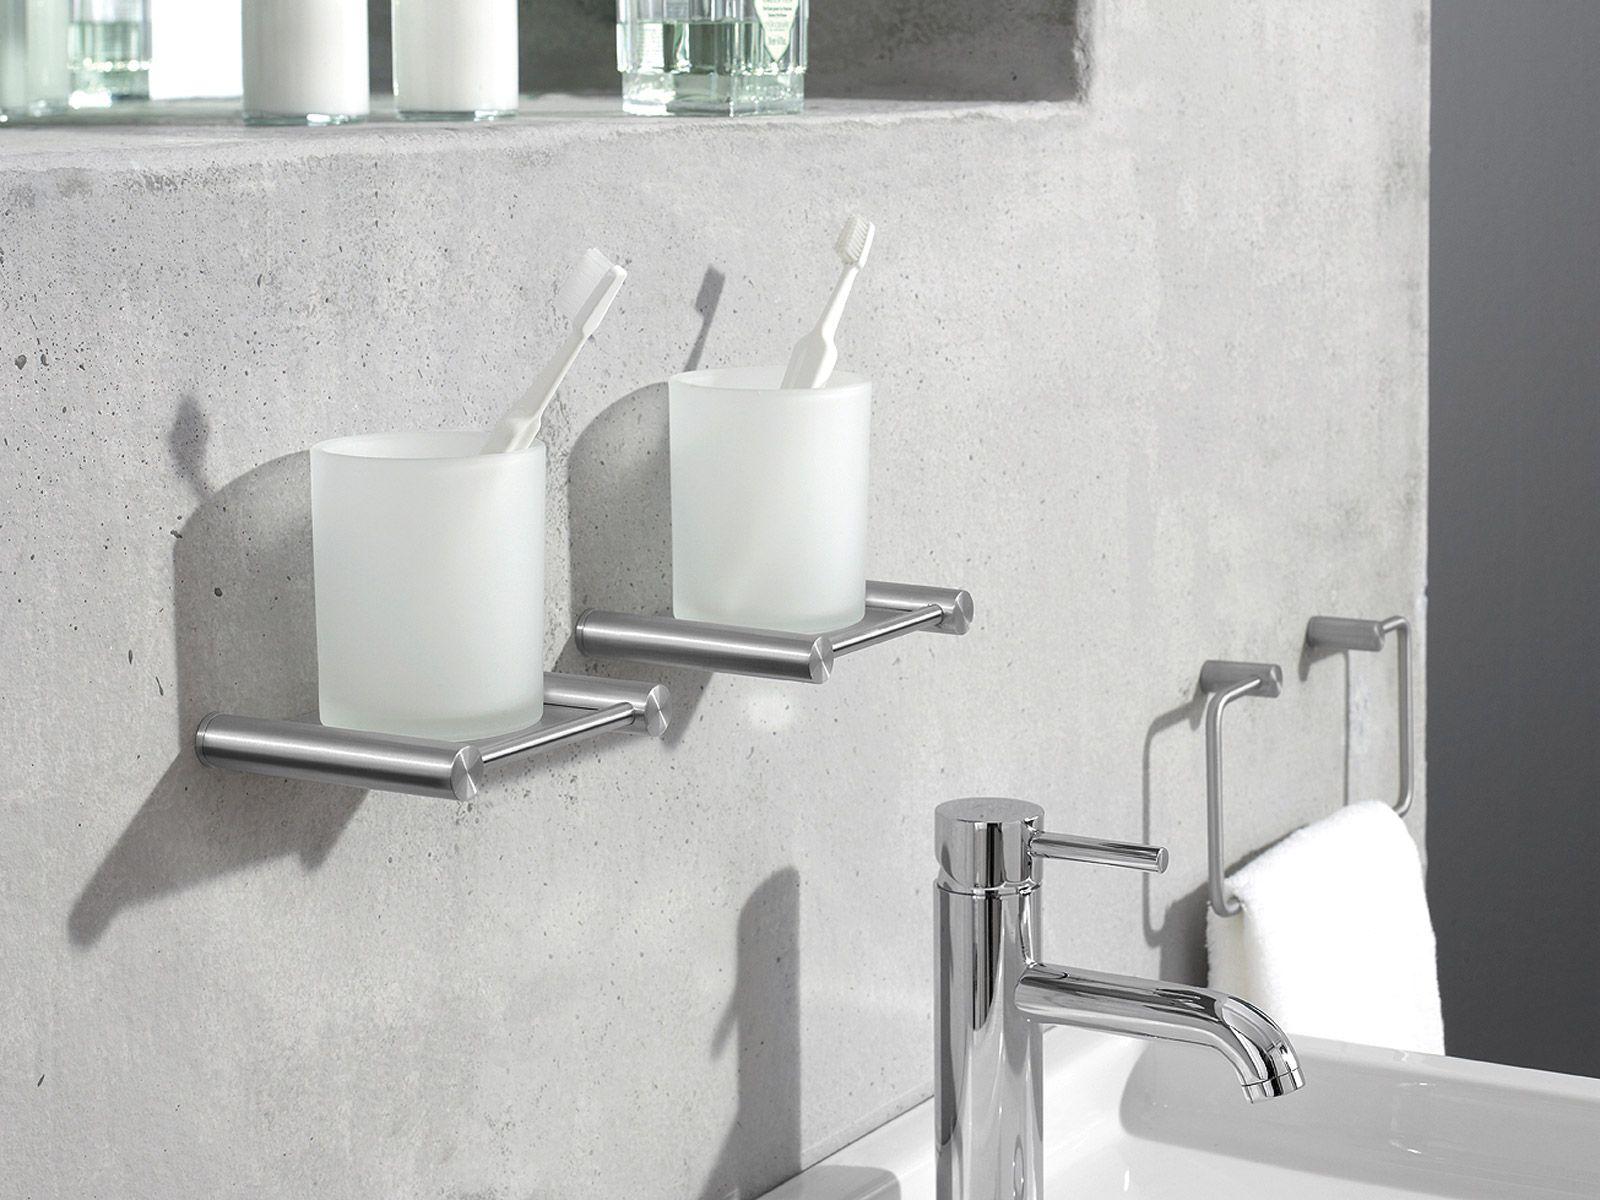 Badkamer Accessoires Rvs : Stijlvolle rvs accessoires voor je badkamer van zack